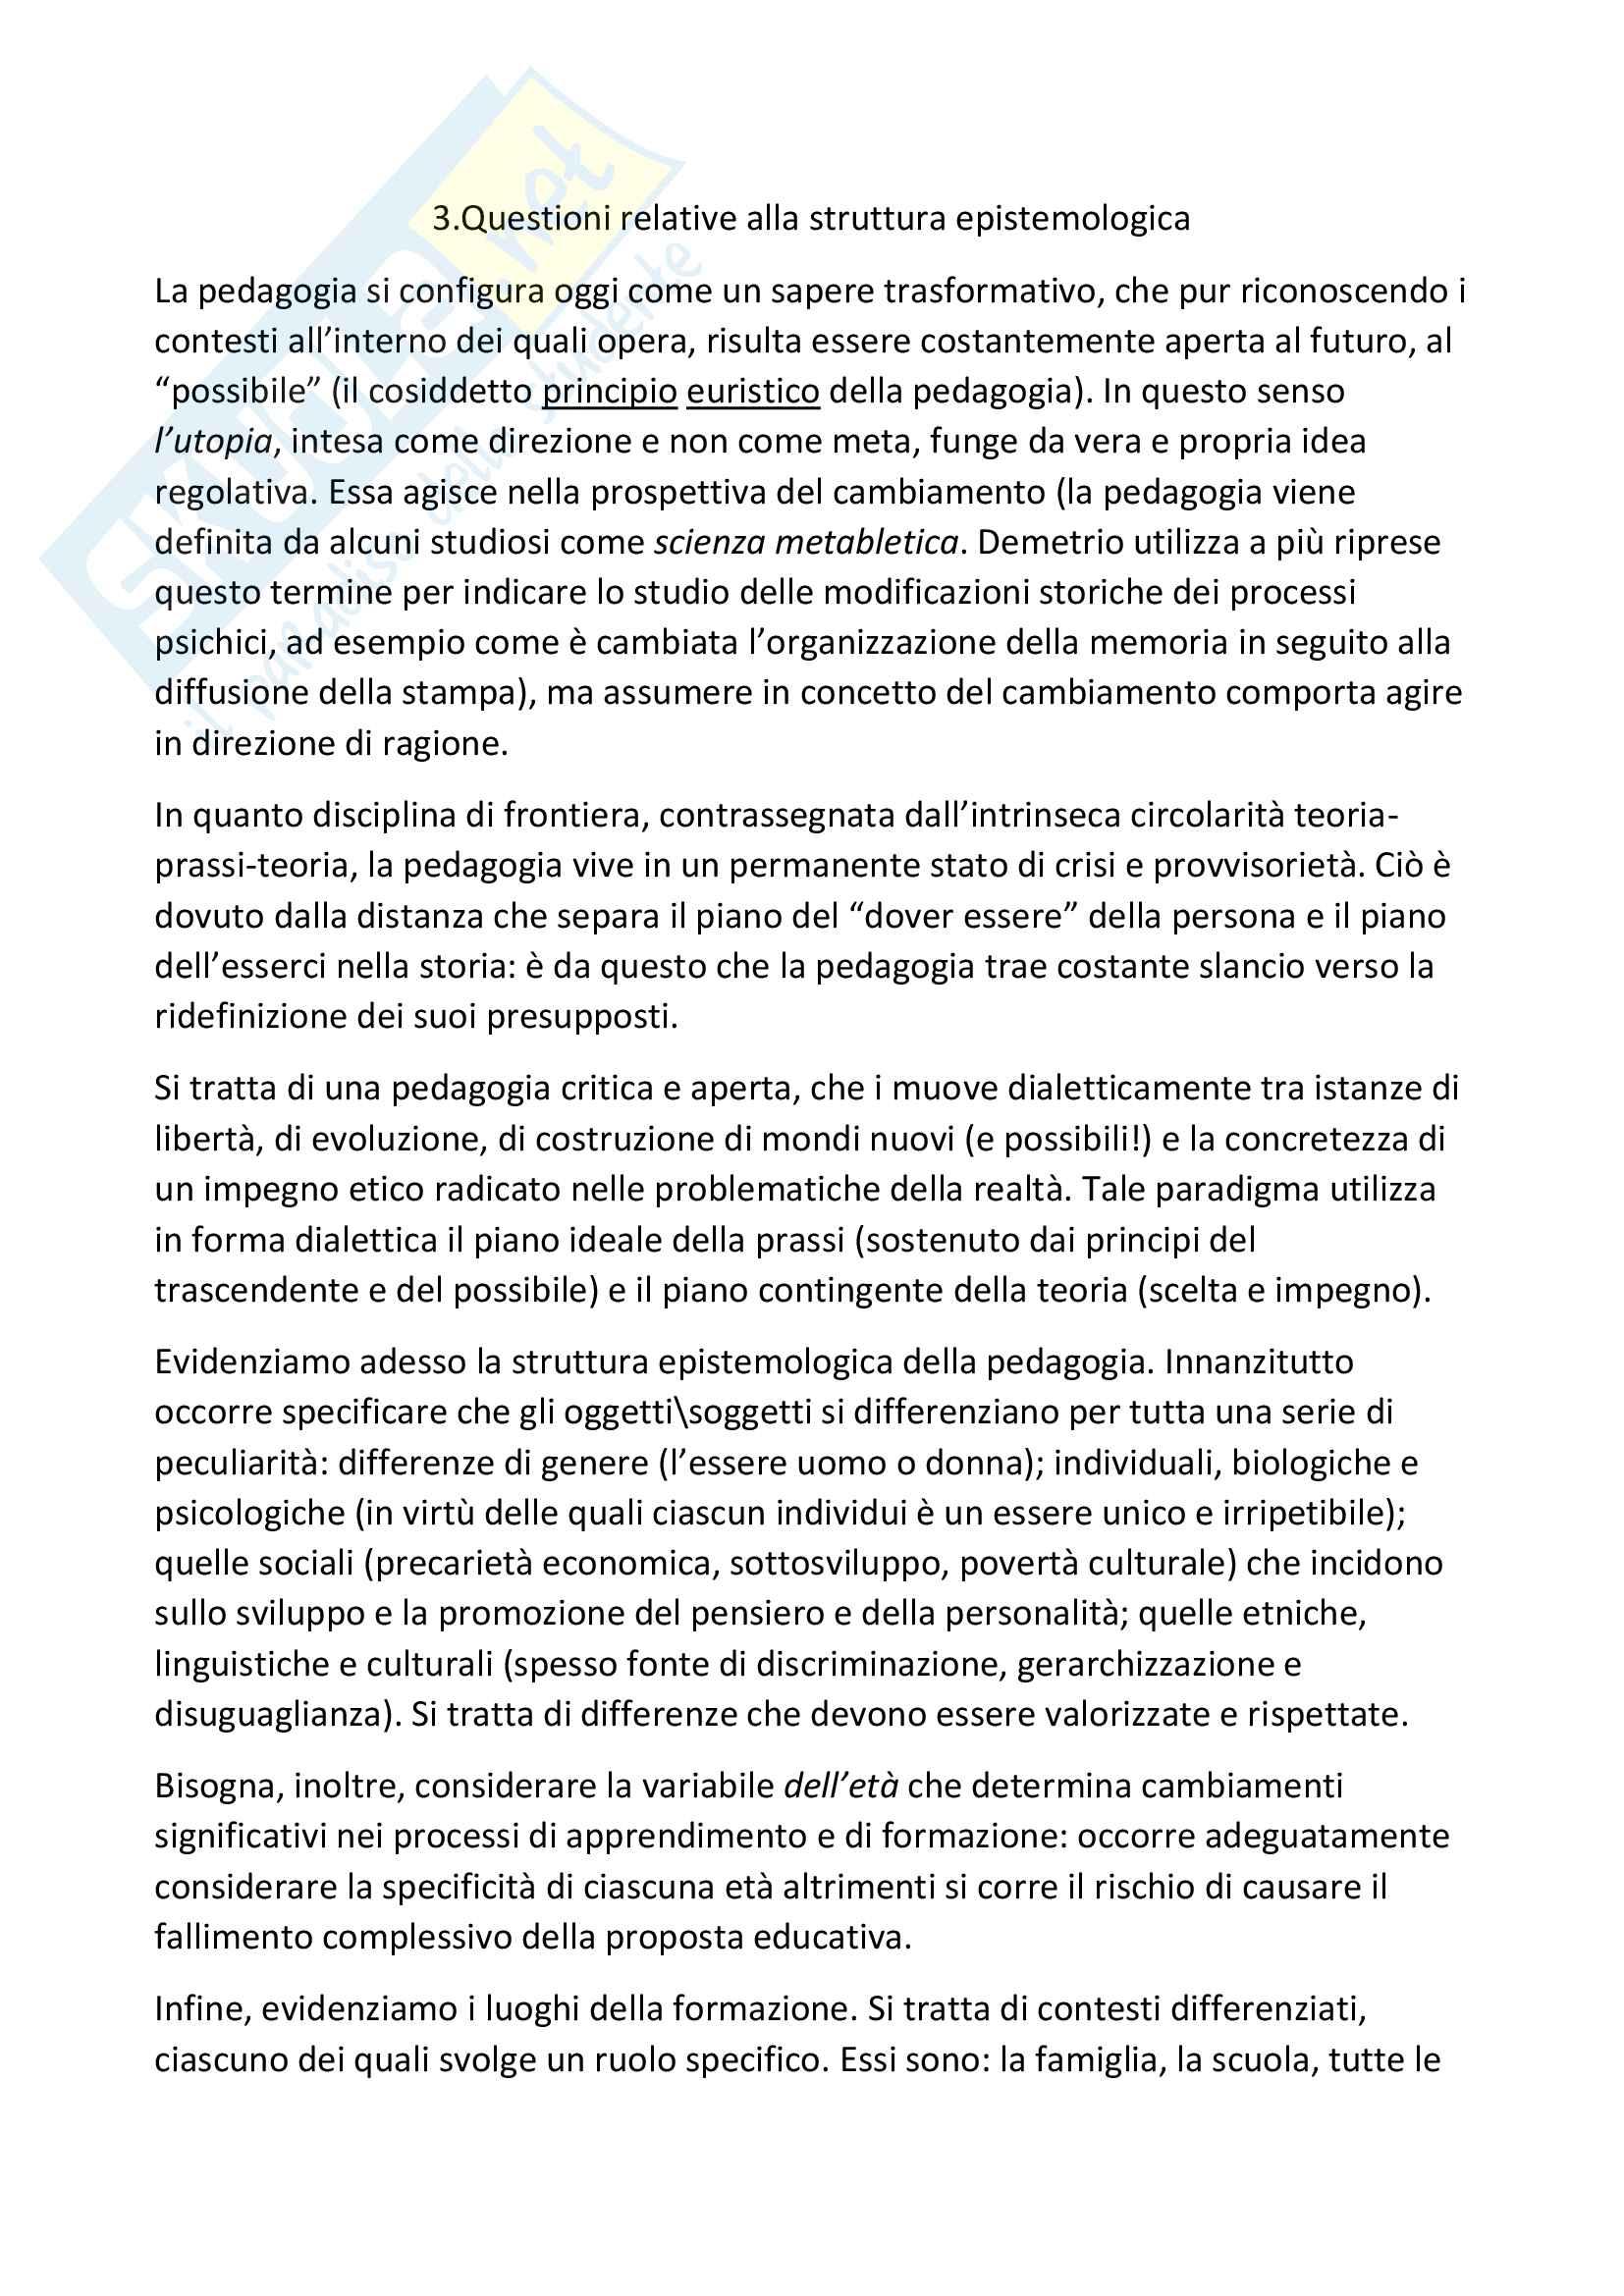 """Riassunto esame pedagogia generale, prof. A.Michelin, libro consigliato """"Snodi e riflessioni di pedagogia"""", Autore """"Michelin-Salomon"""" Pag. 6"""